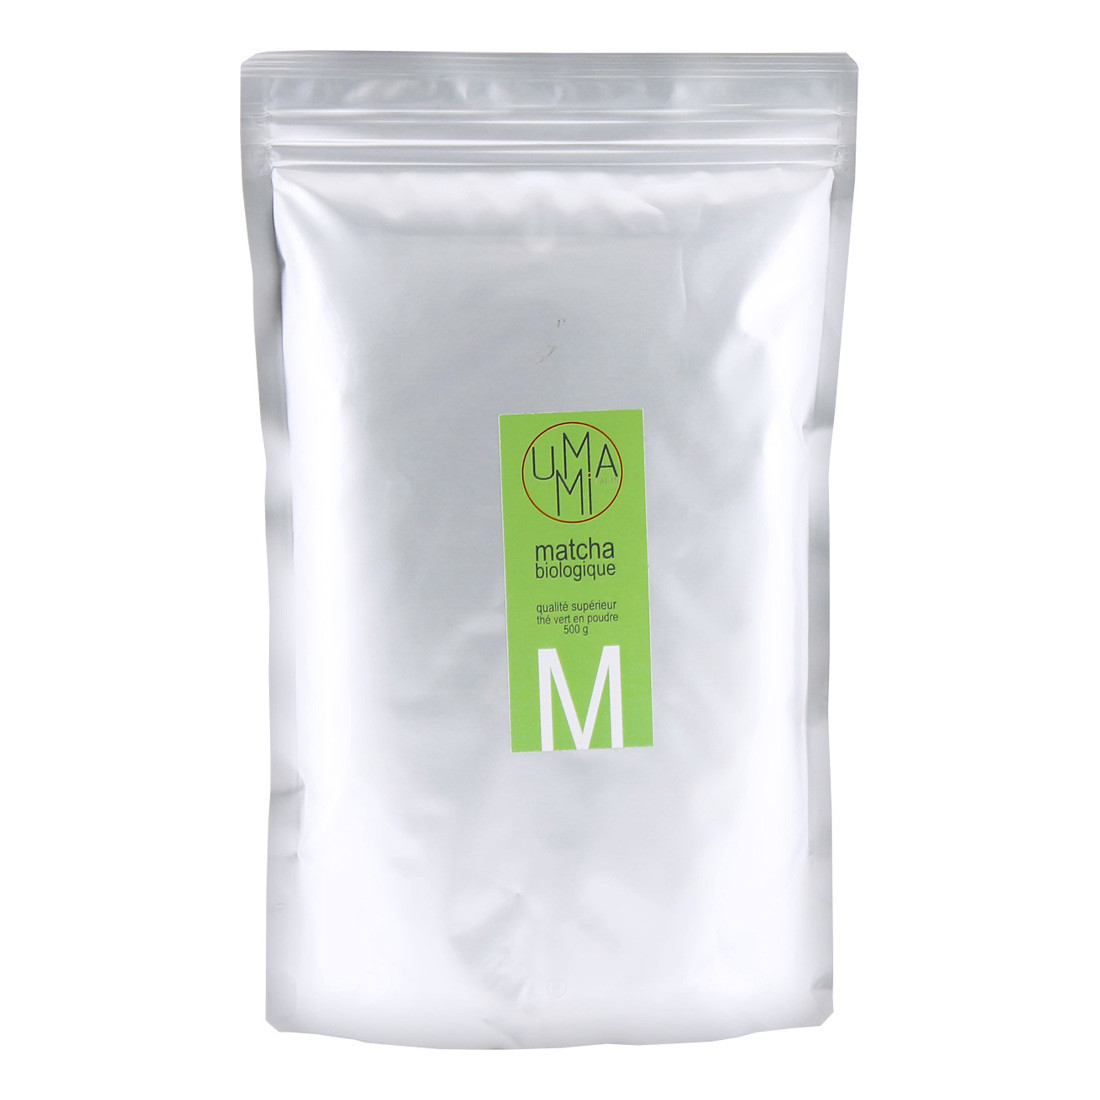 Чай Маття Супериор Органик (organic superior matcha), УМАМИ, сашет 500г